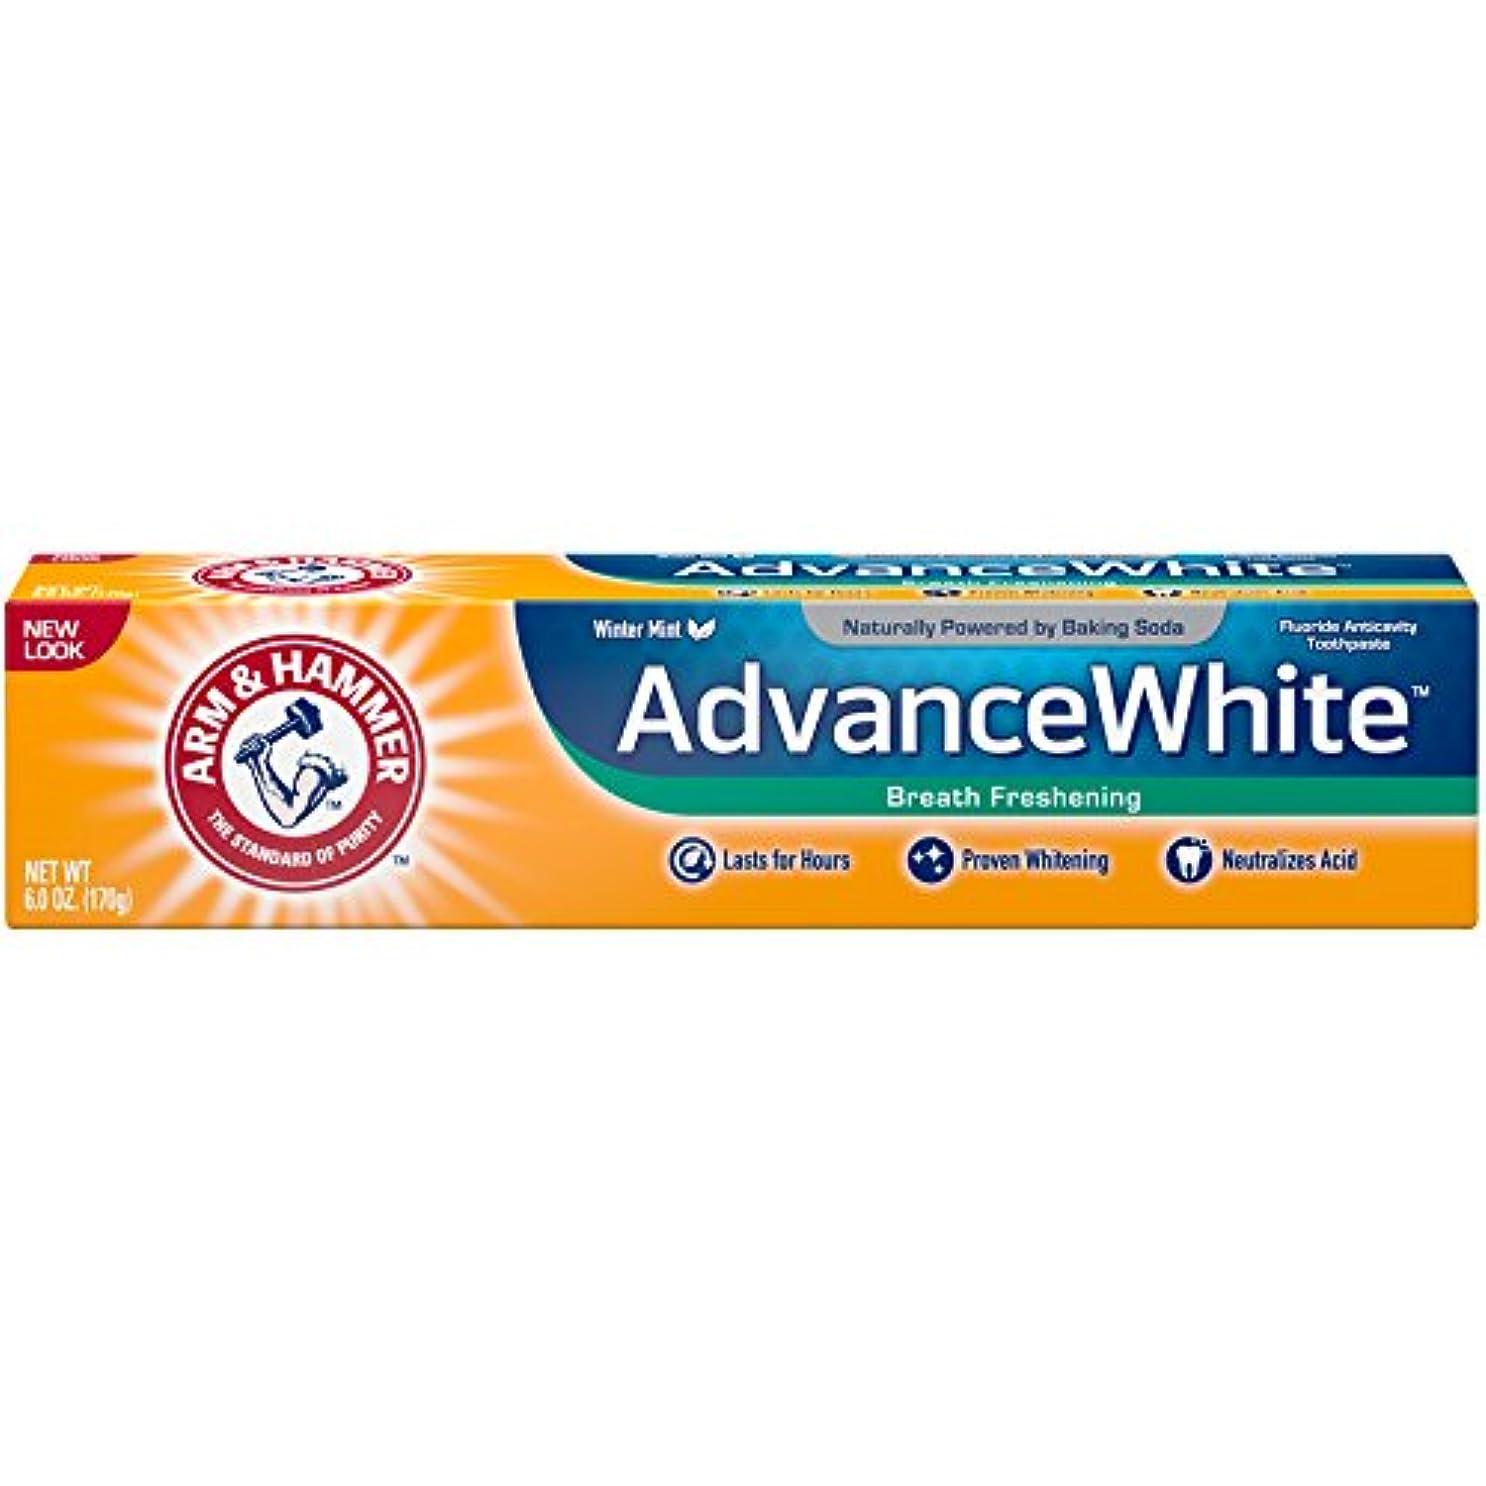 貸すシルエット仮説アーム&ハマー アドバンス ホワイト 歯磨き粉 ブレス フレッシュニング 170g Advance White Breath Freshing Baking Soda & Frosted Mint